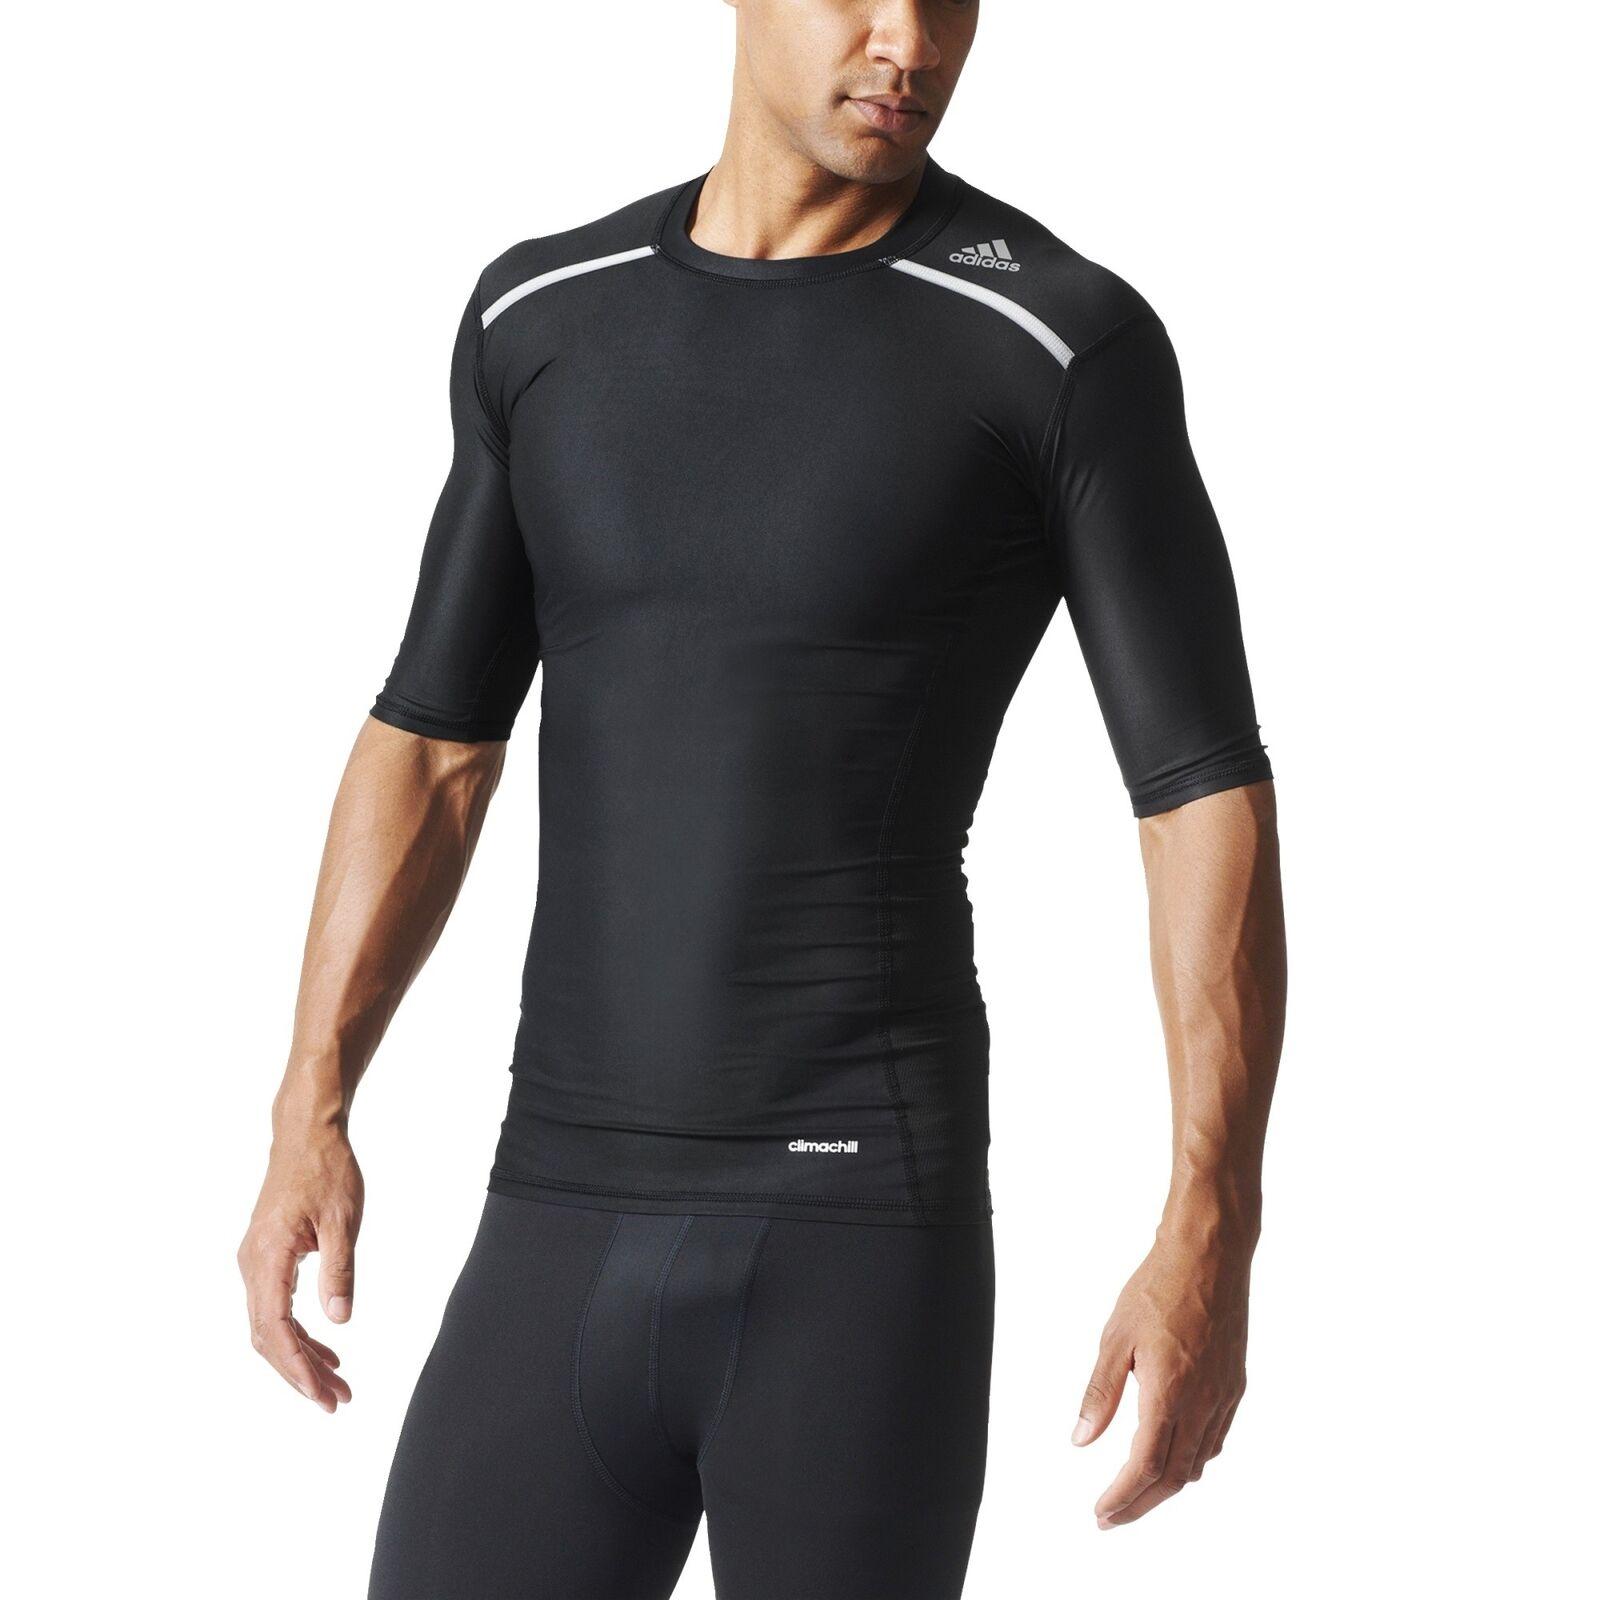 Adidas Tf Chill a compressione Maglietta sportiva running camicia funzionale